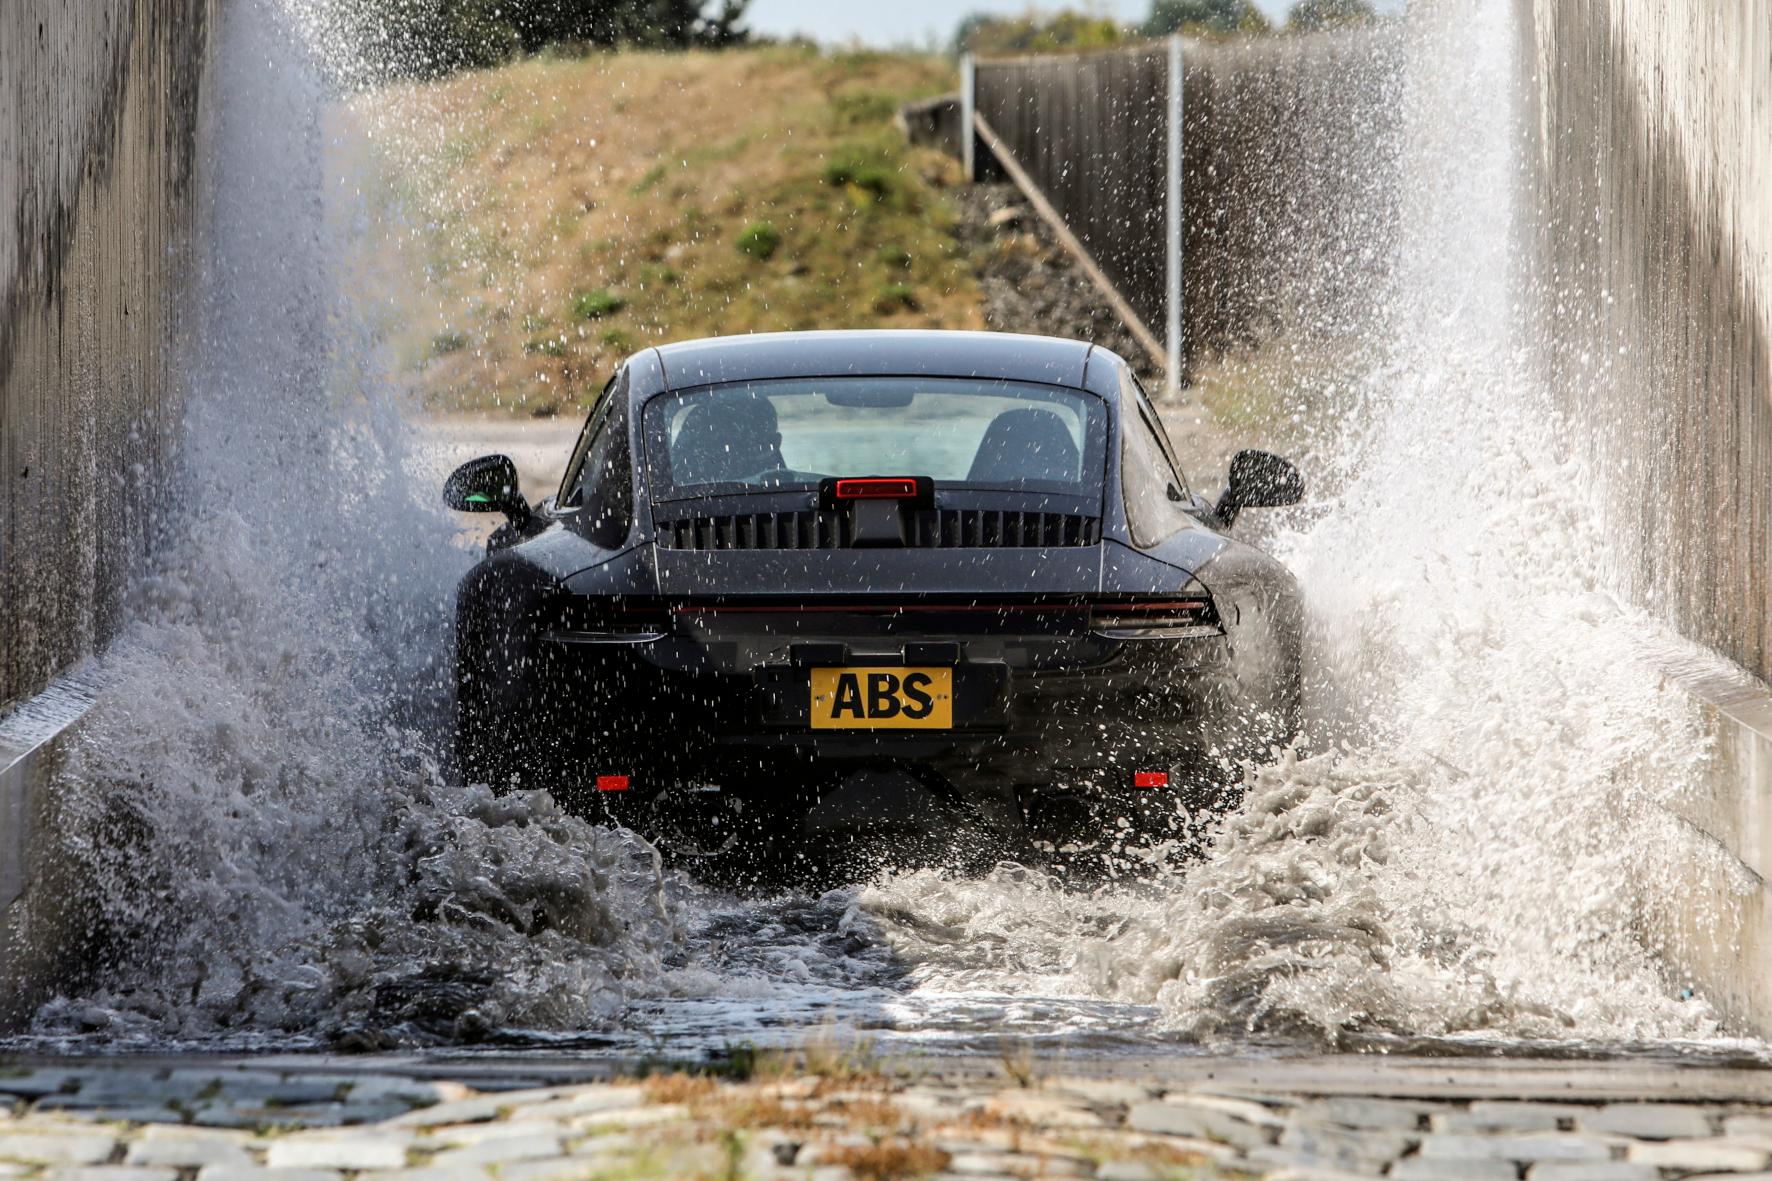 Der neue Porsche 911 im Wassergraben - ein wichtiger Teil des weltweit absolvieren Erprobungsprogramms.